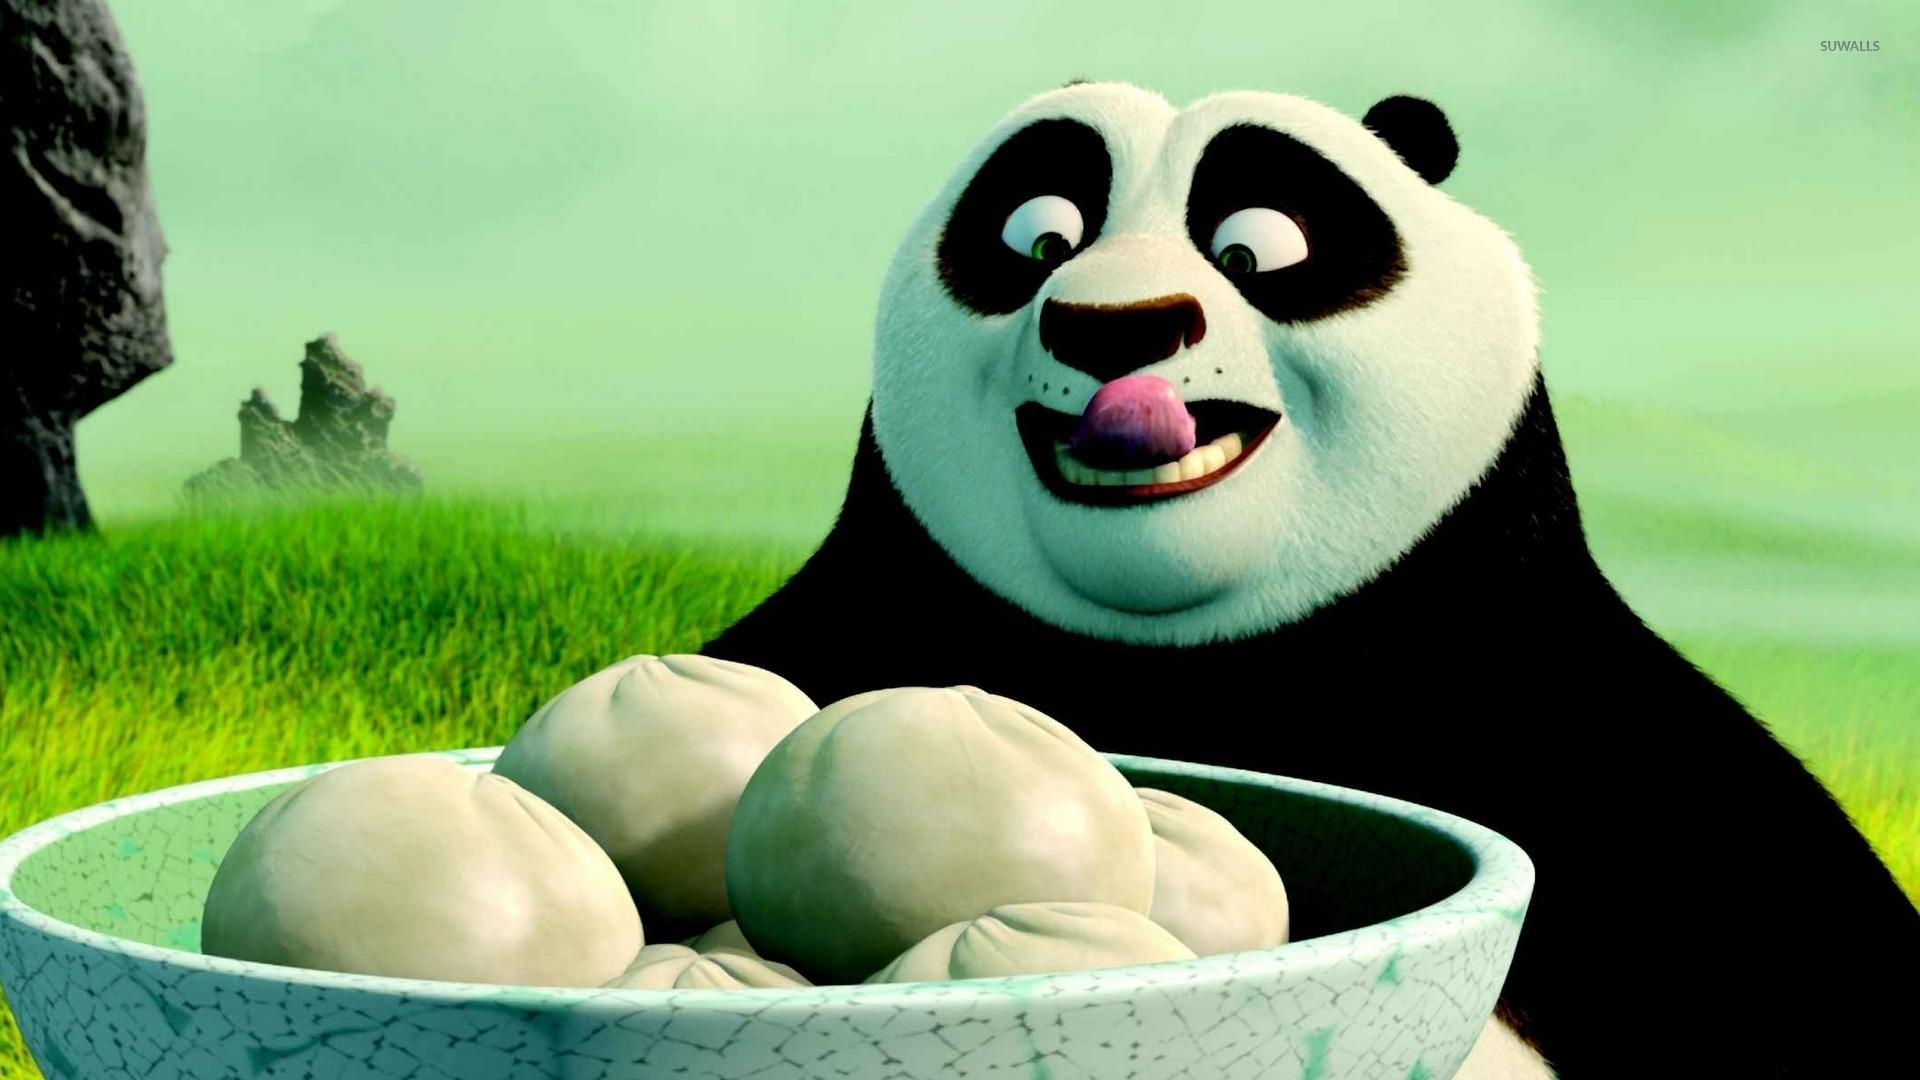 kungfu panda wallpapers hd 1920x1080 wallpaper teahub io teahub io